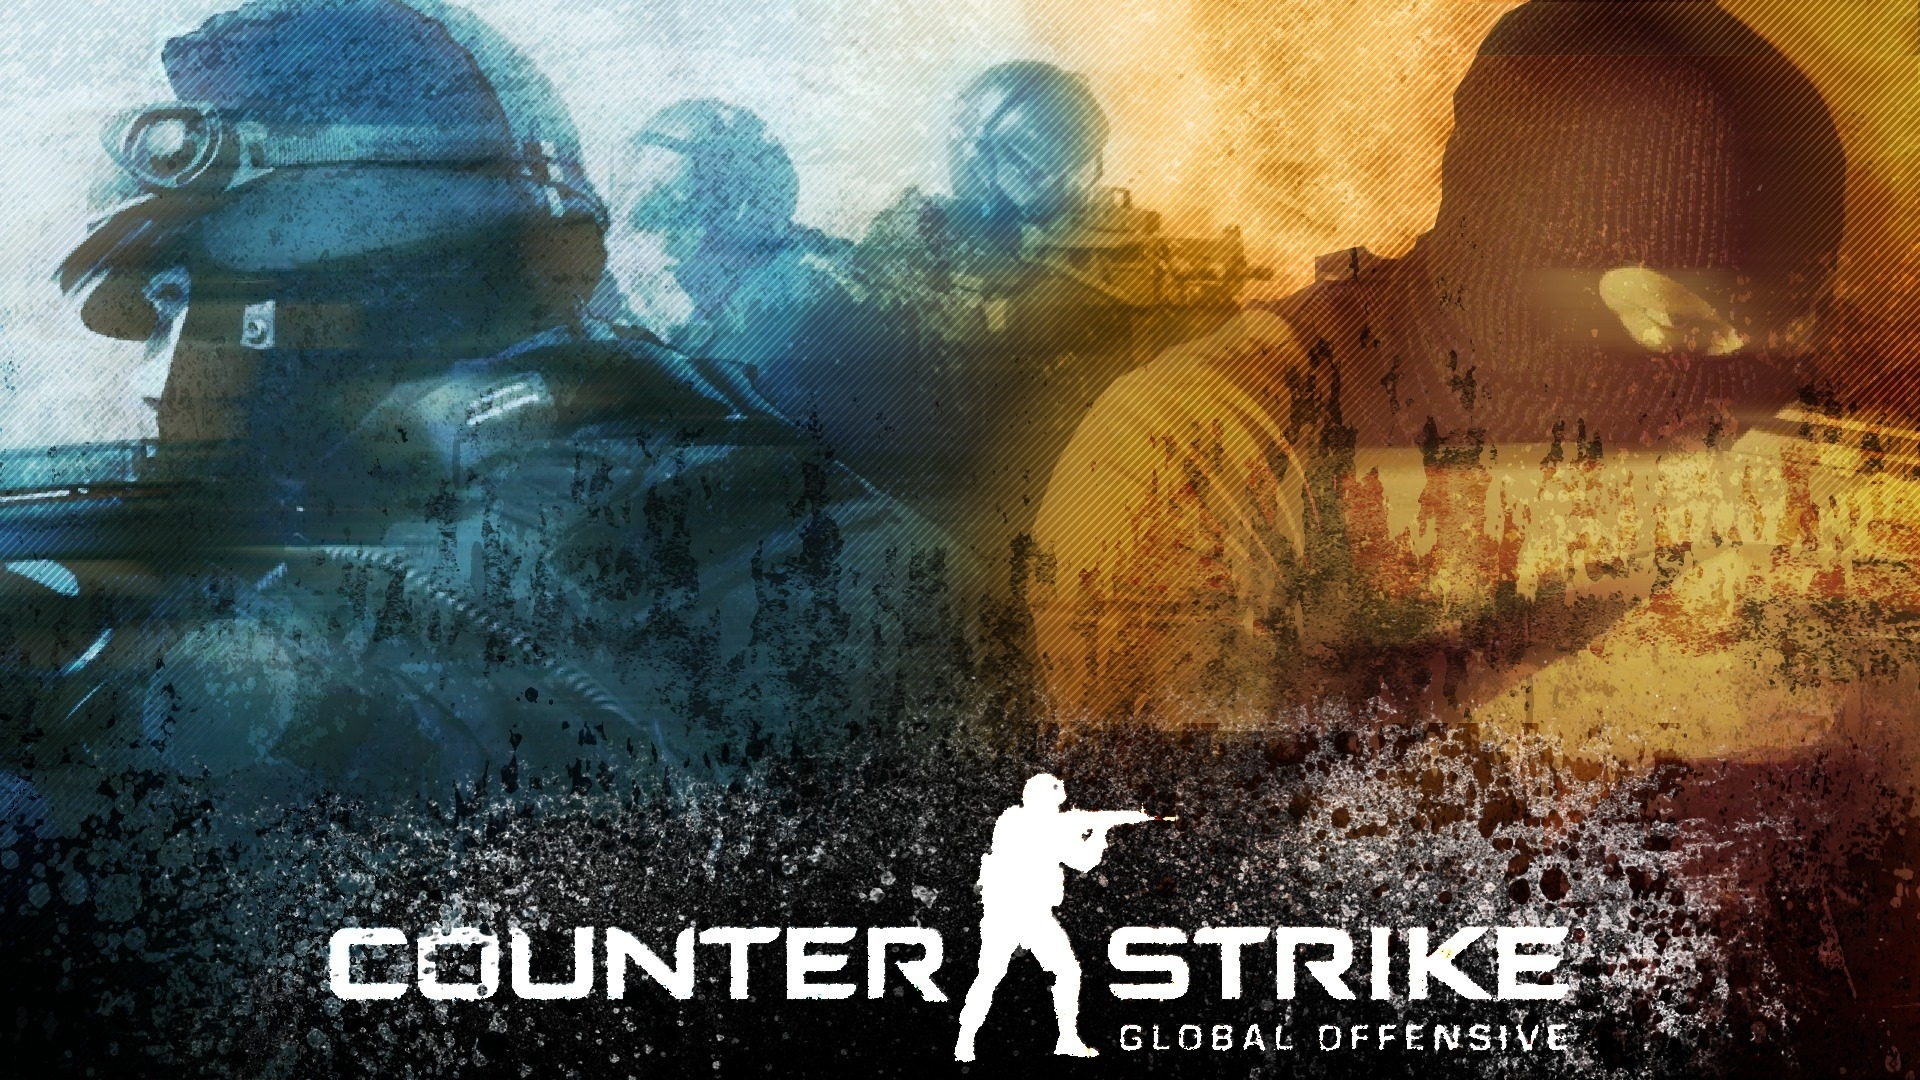 графика логотип Counter Strike graphics logo в хорошем качестве